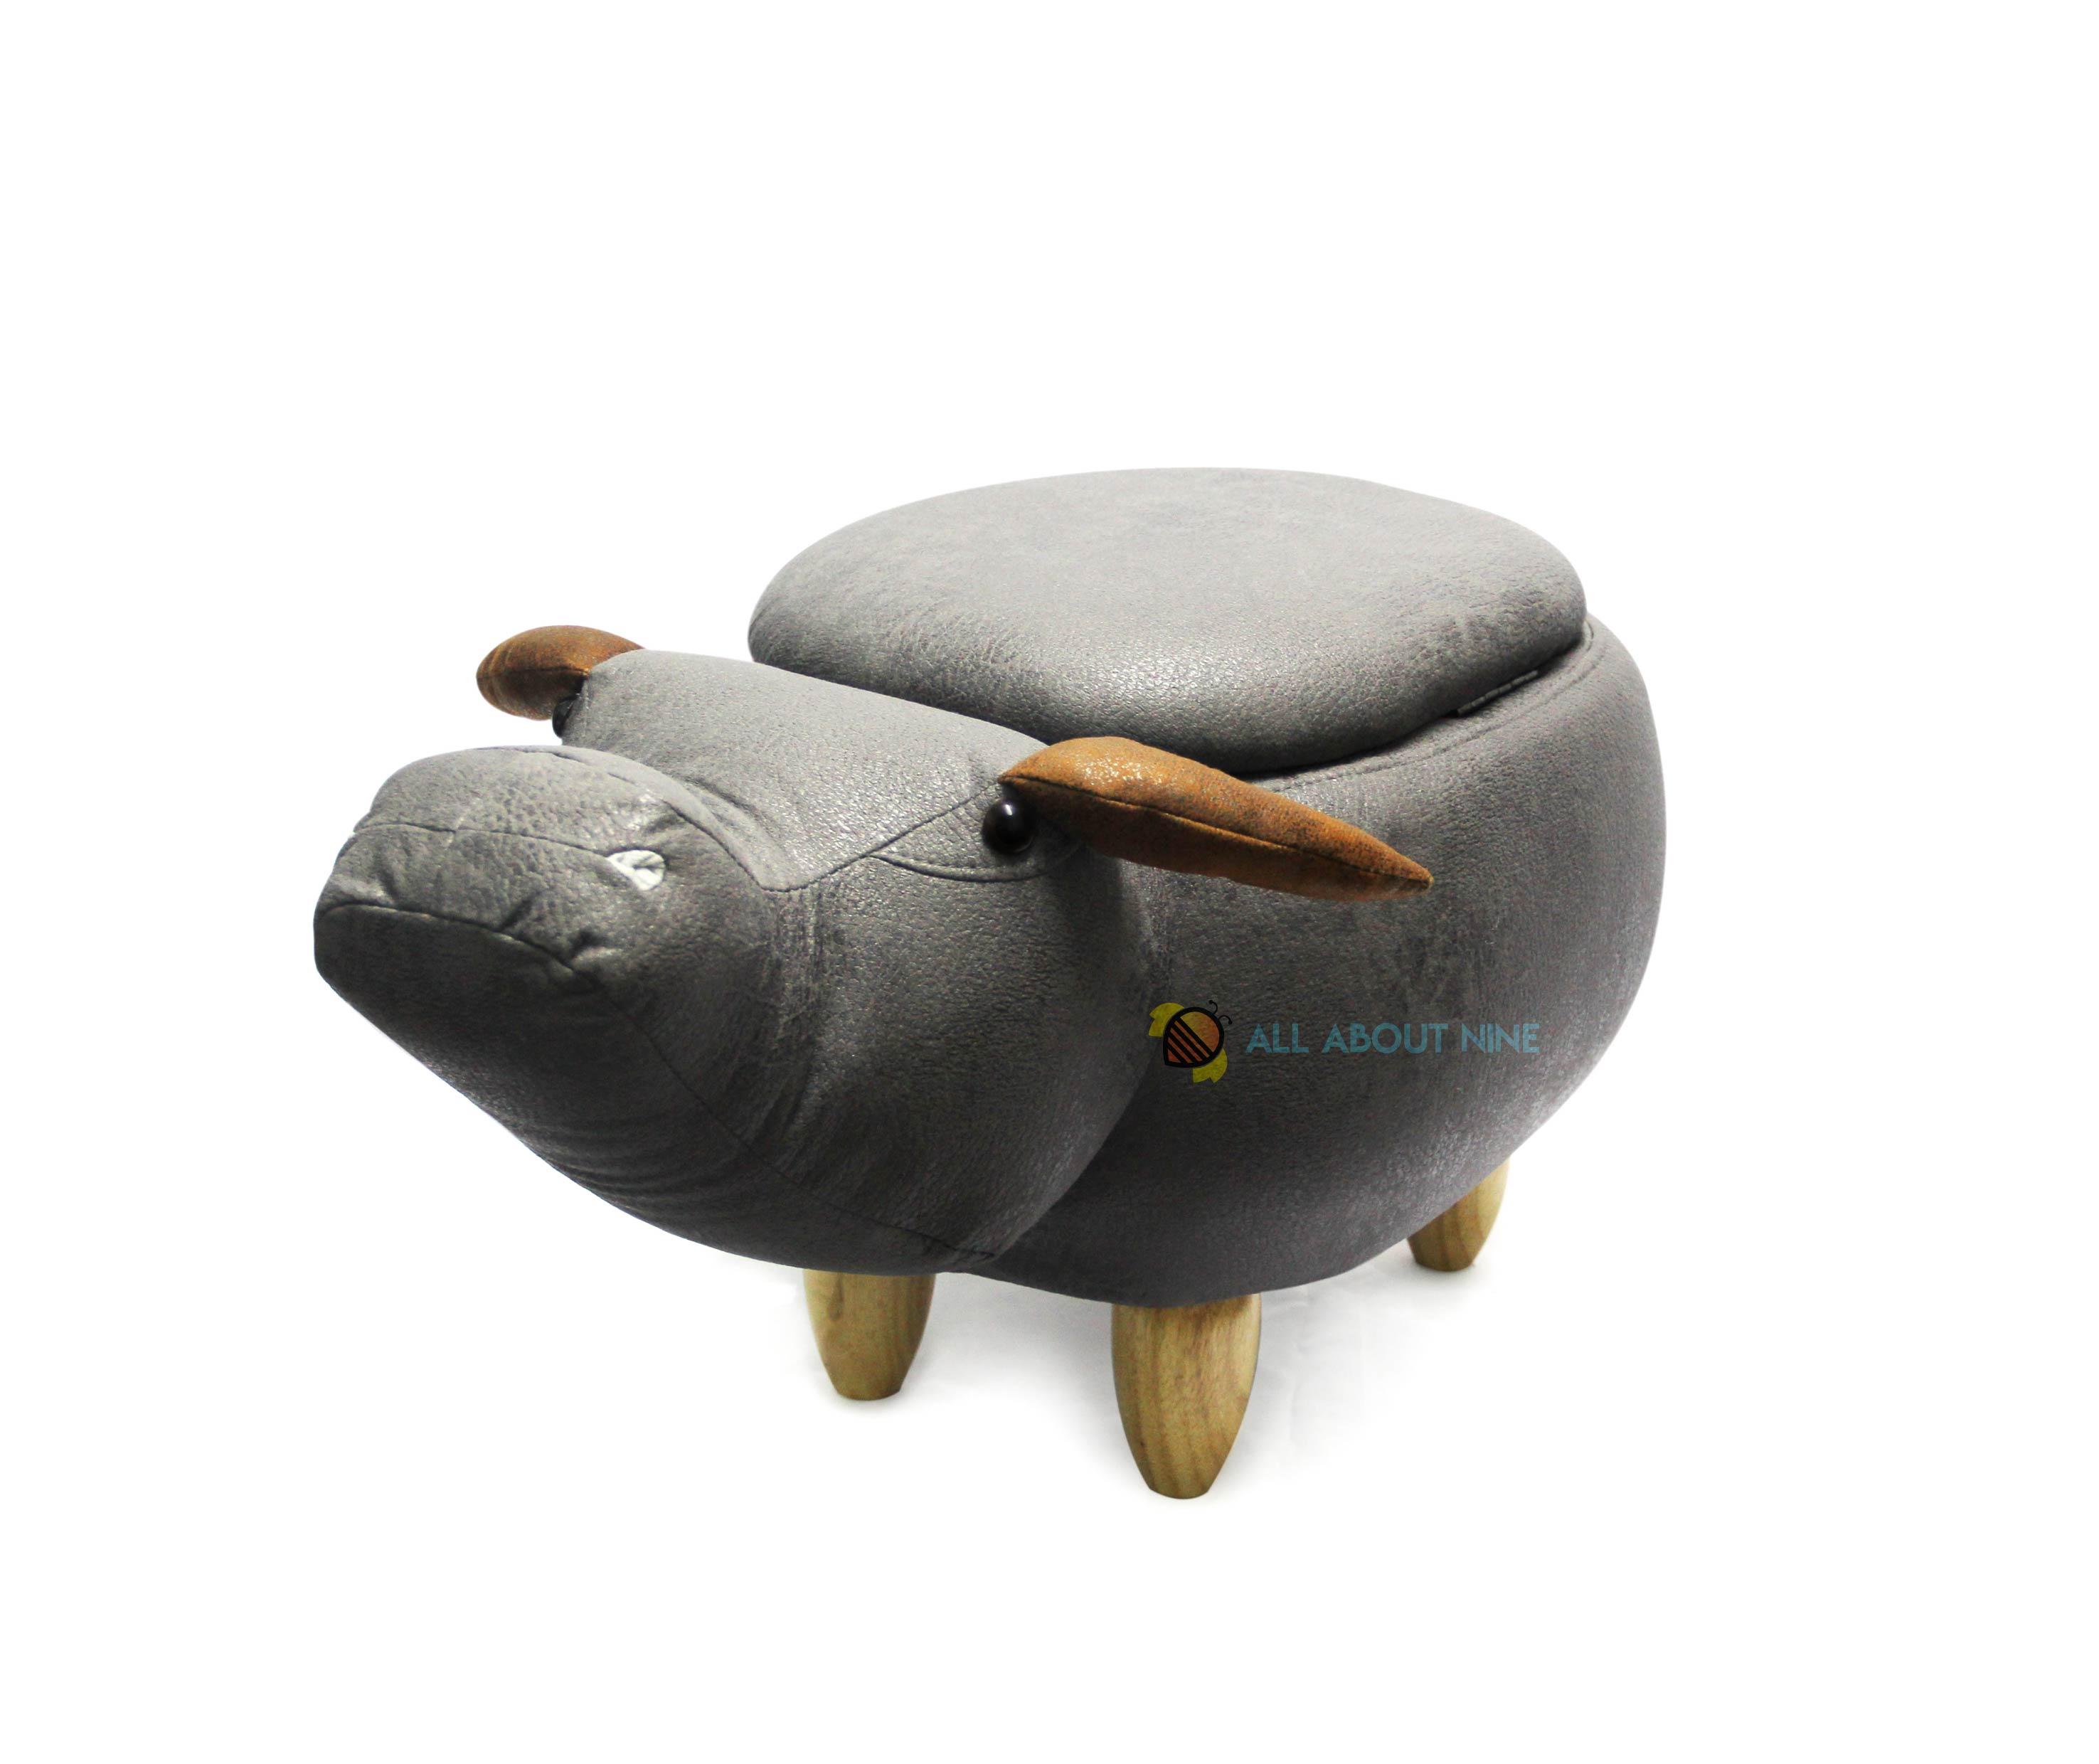 เก้าอี้เก็บของได้รูปควาย สีเทาดำ